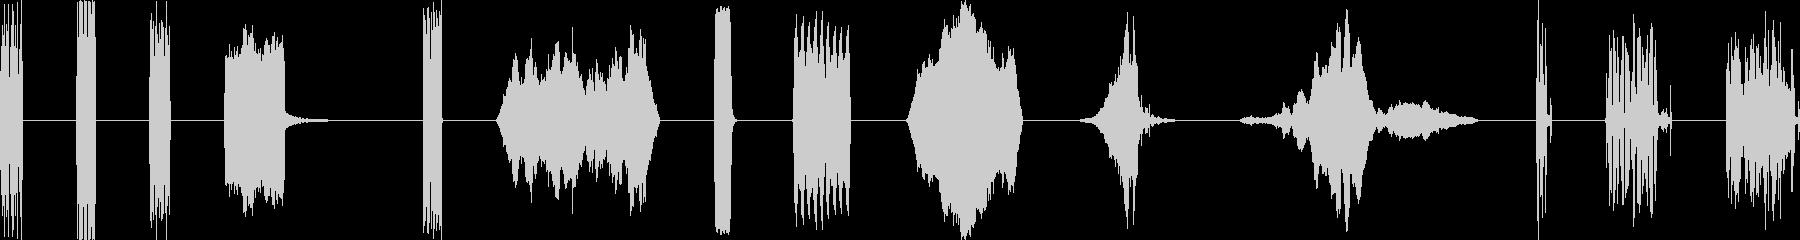 アラーム、ベル、サイレン、ラジオ電...の未再生の波形